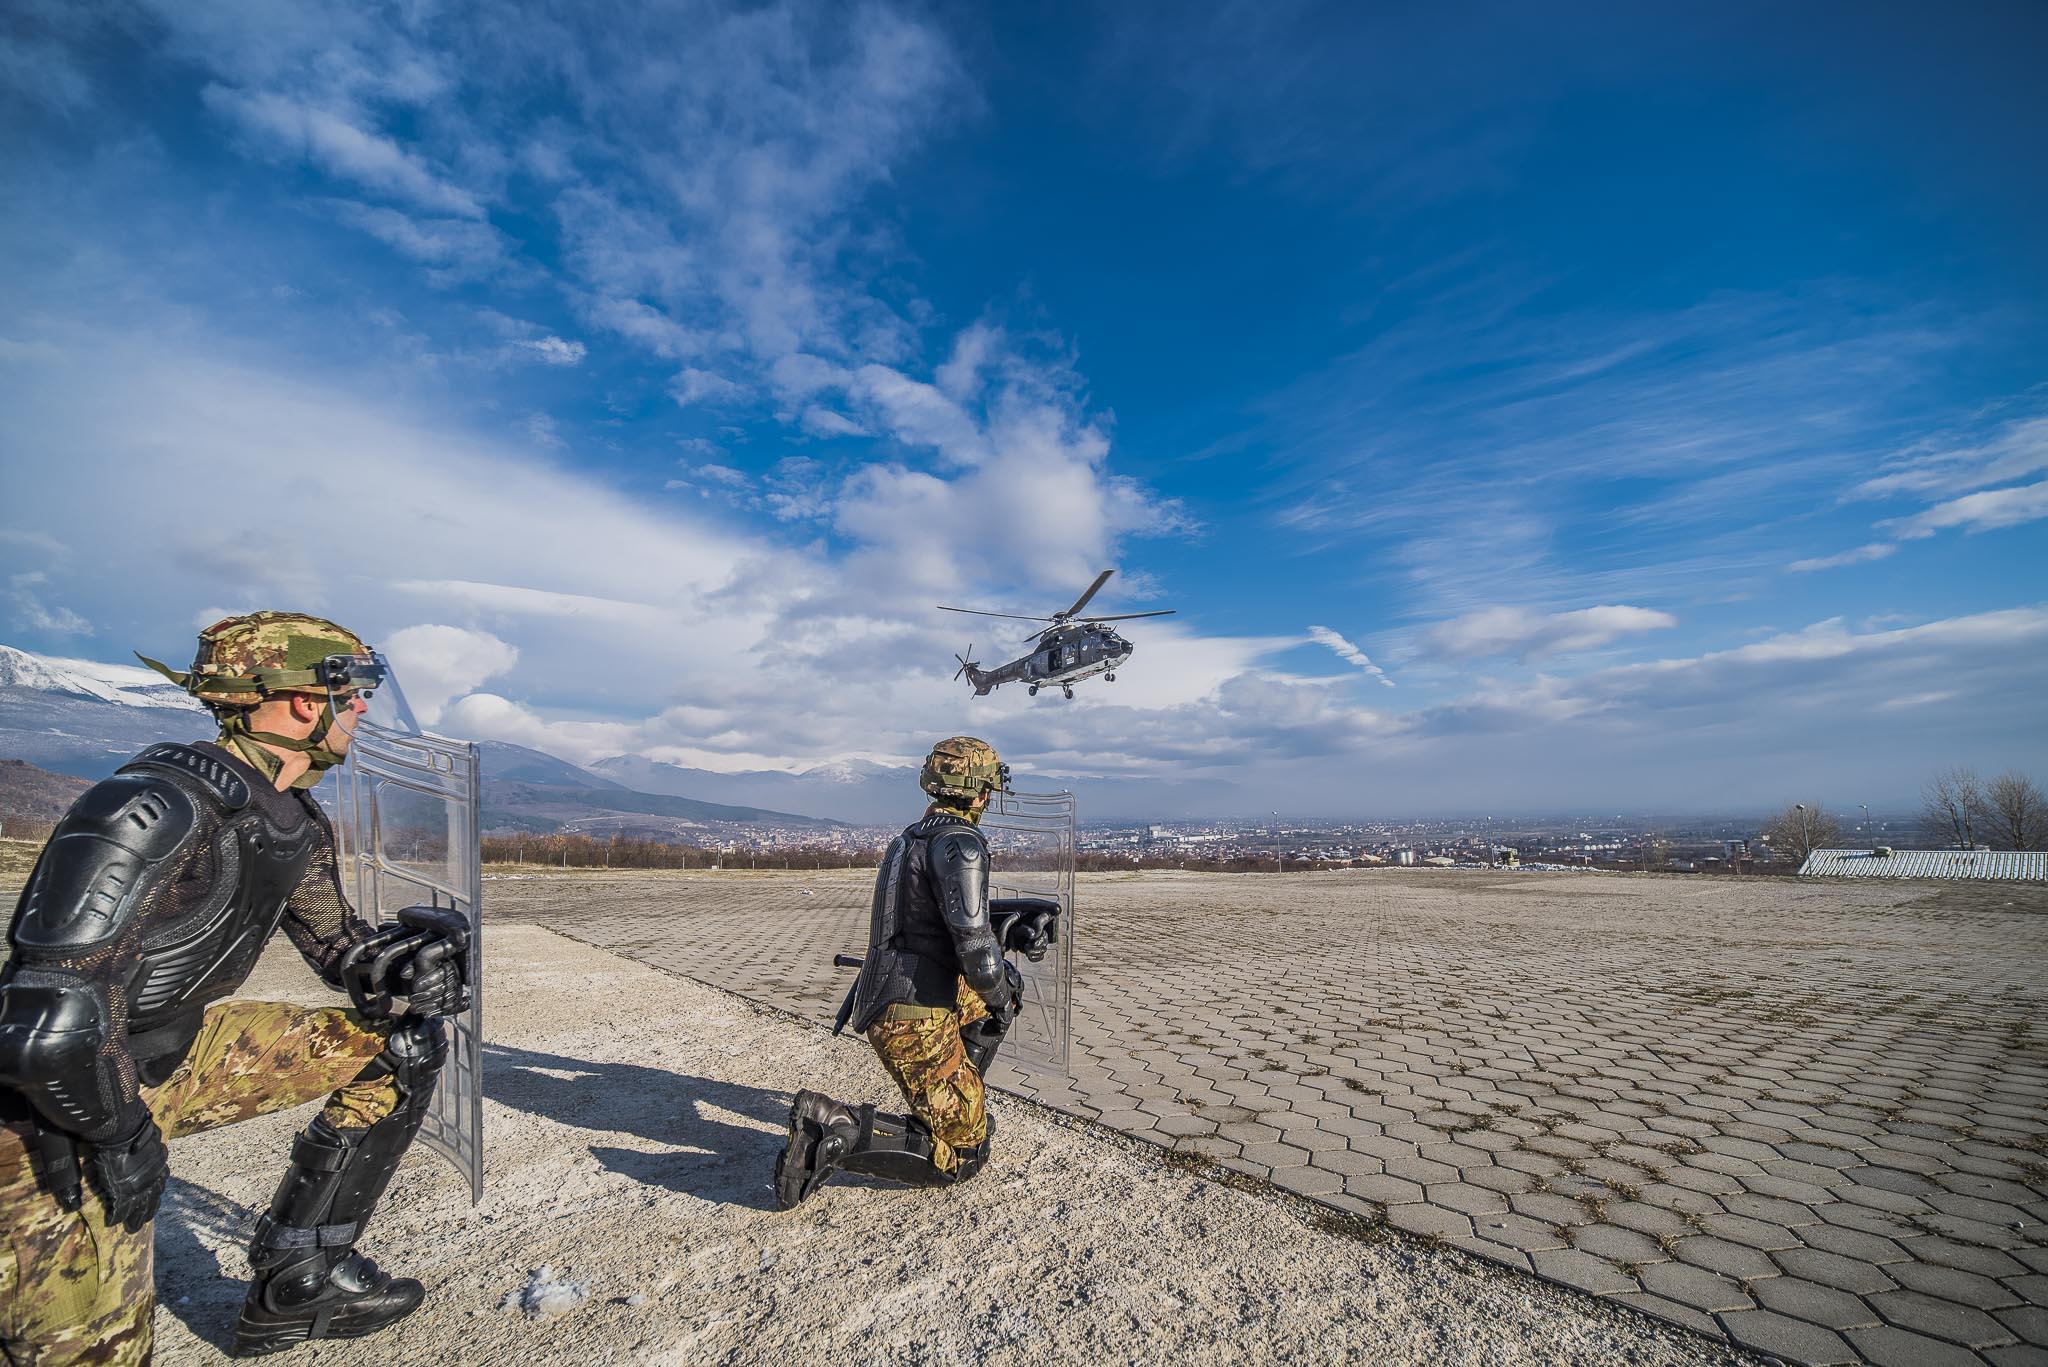 Elicottero Puma : Attesa imbarco su elicottero super puma congedati folgore